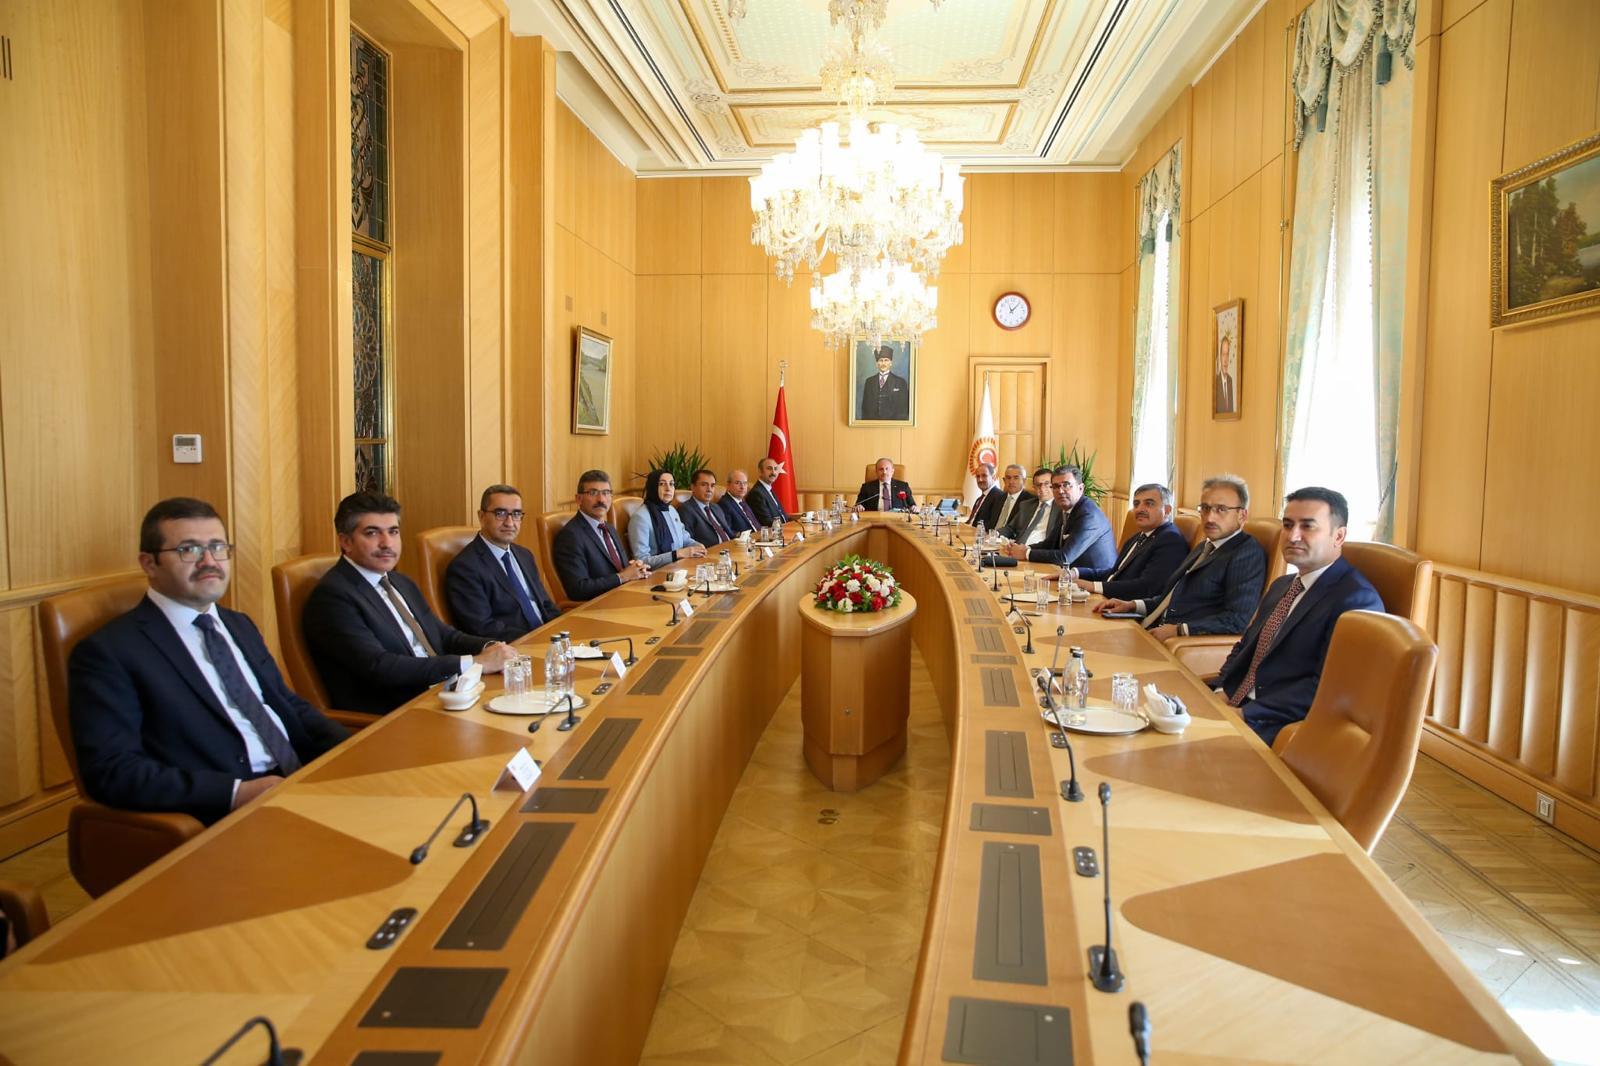 TBMM Başkanı Şentop Adalet Bakanı Gül ve HSK üyelerini kabul etti | SON TV